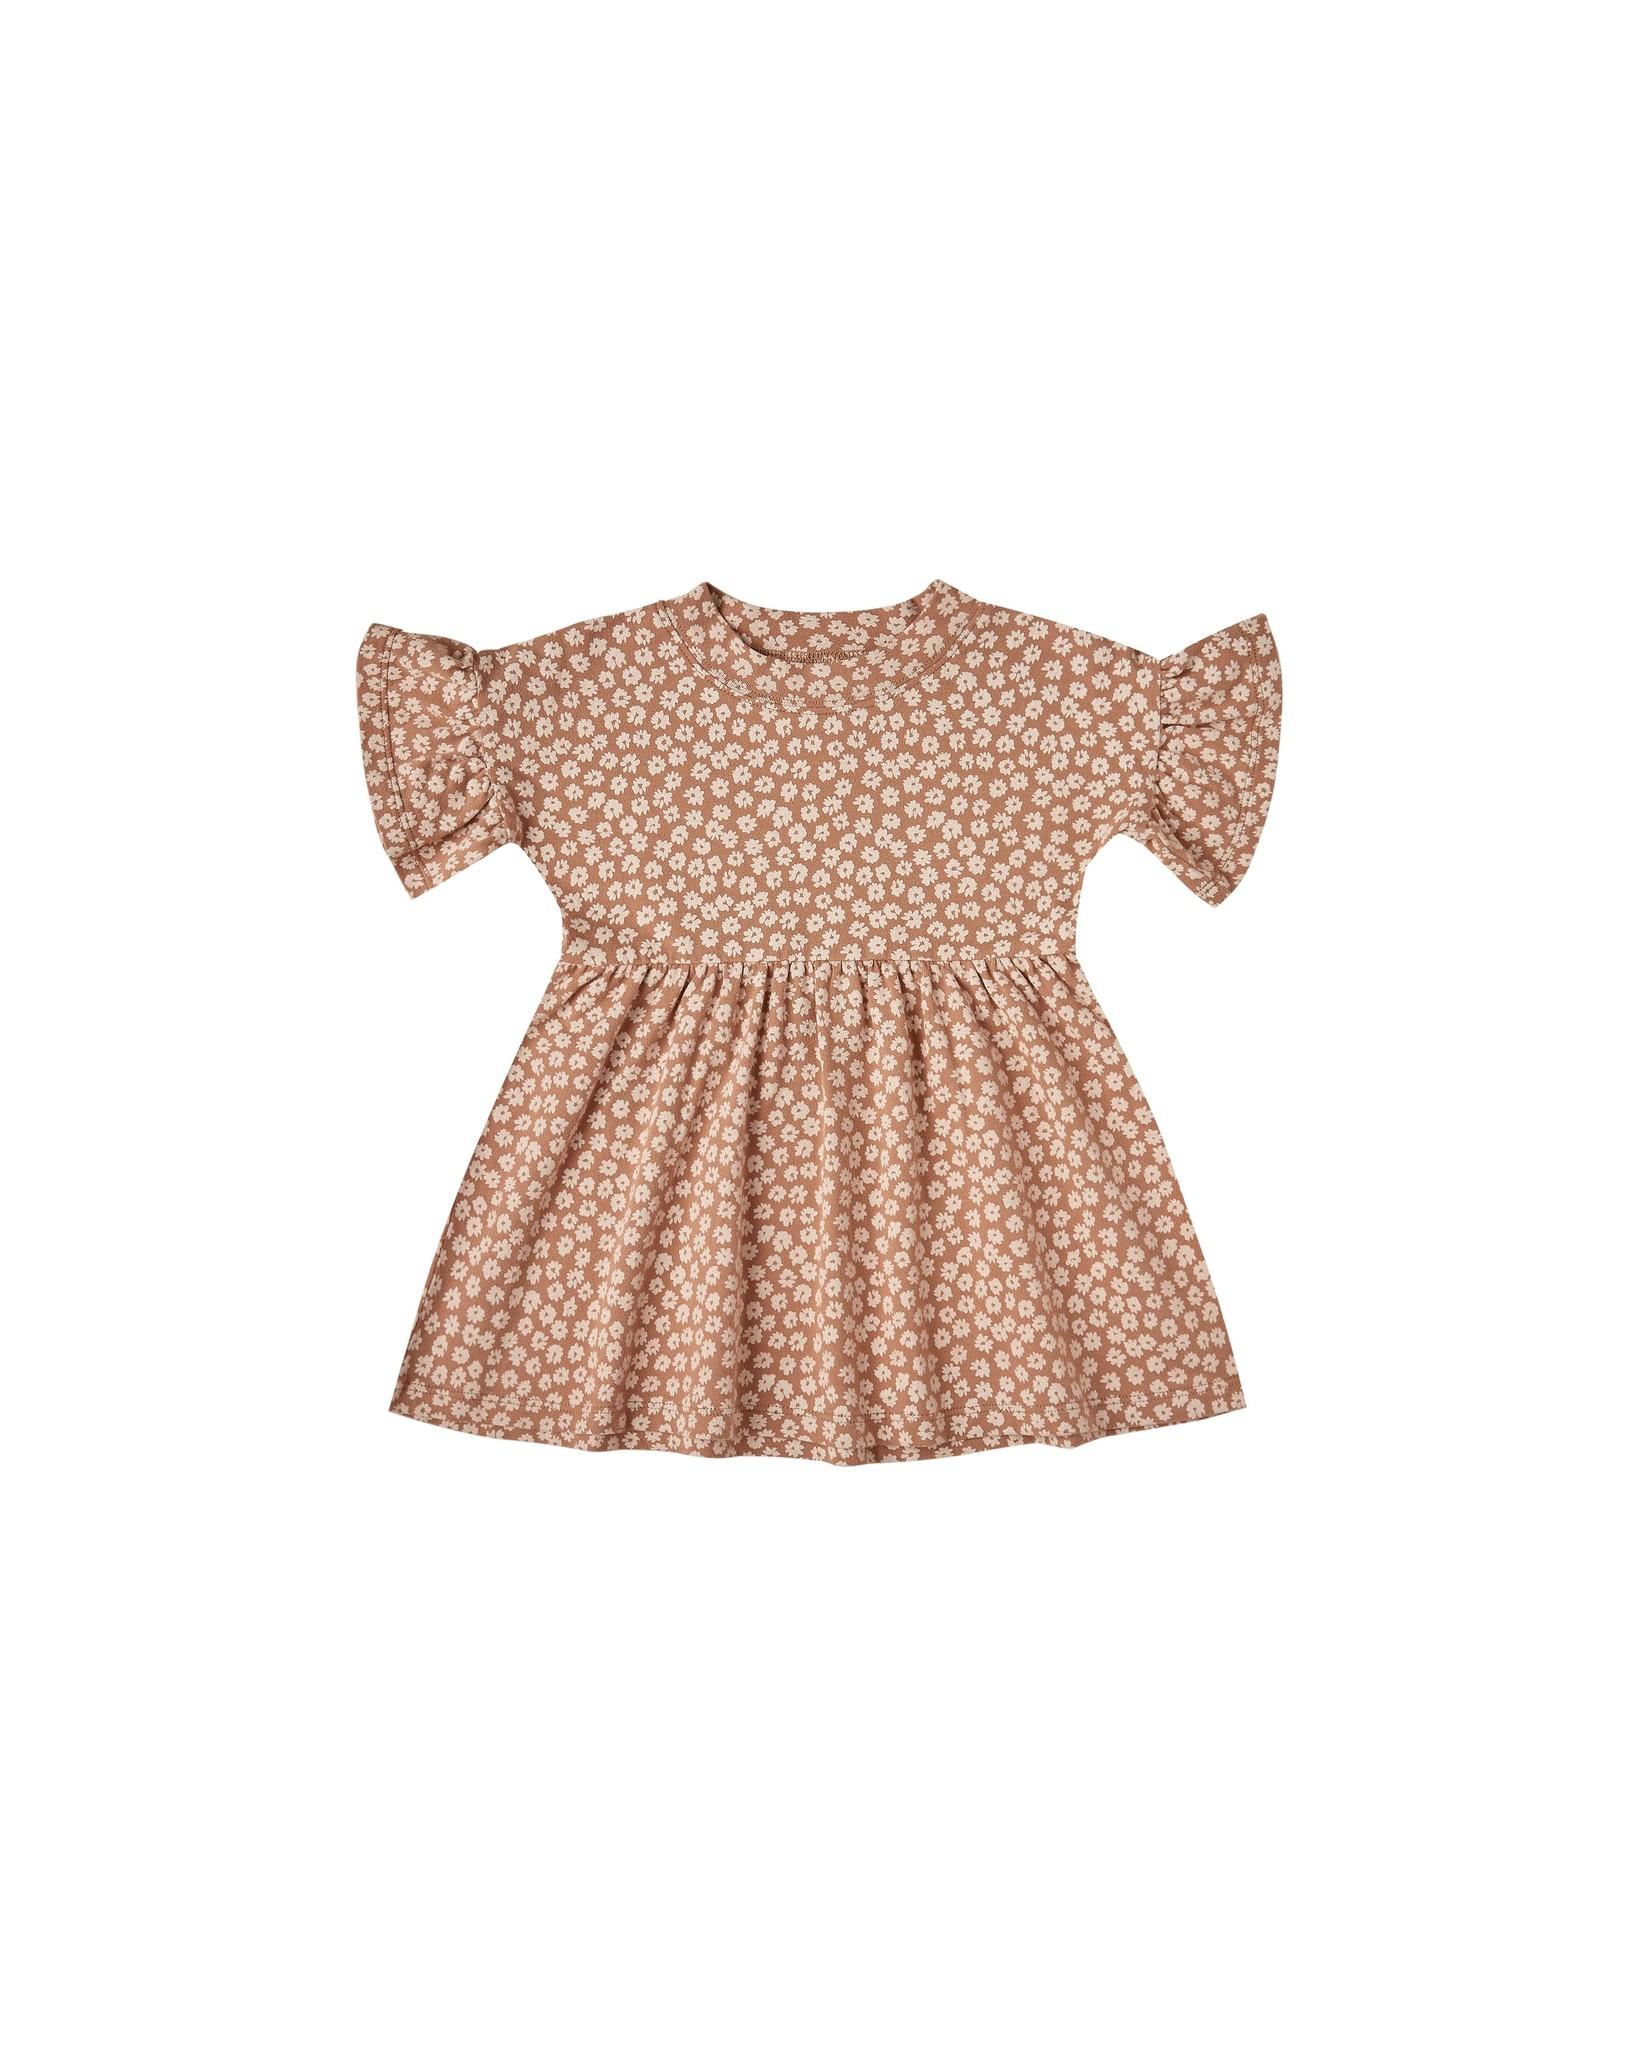 Rylee and Cru Rylee and Cru Babydoll Dress